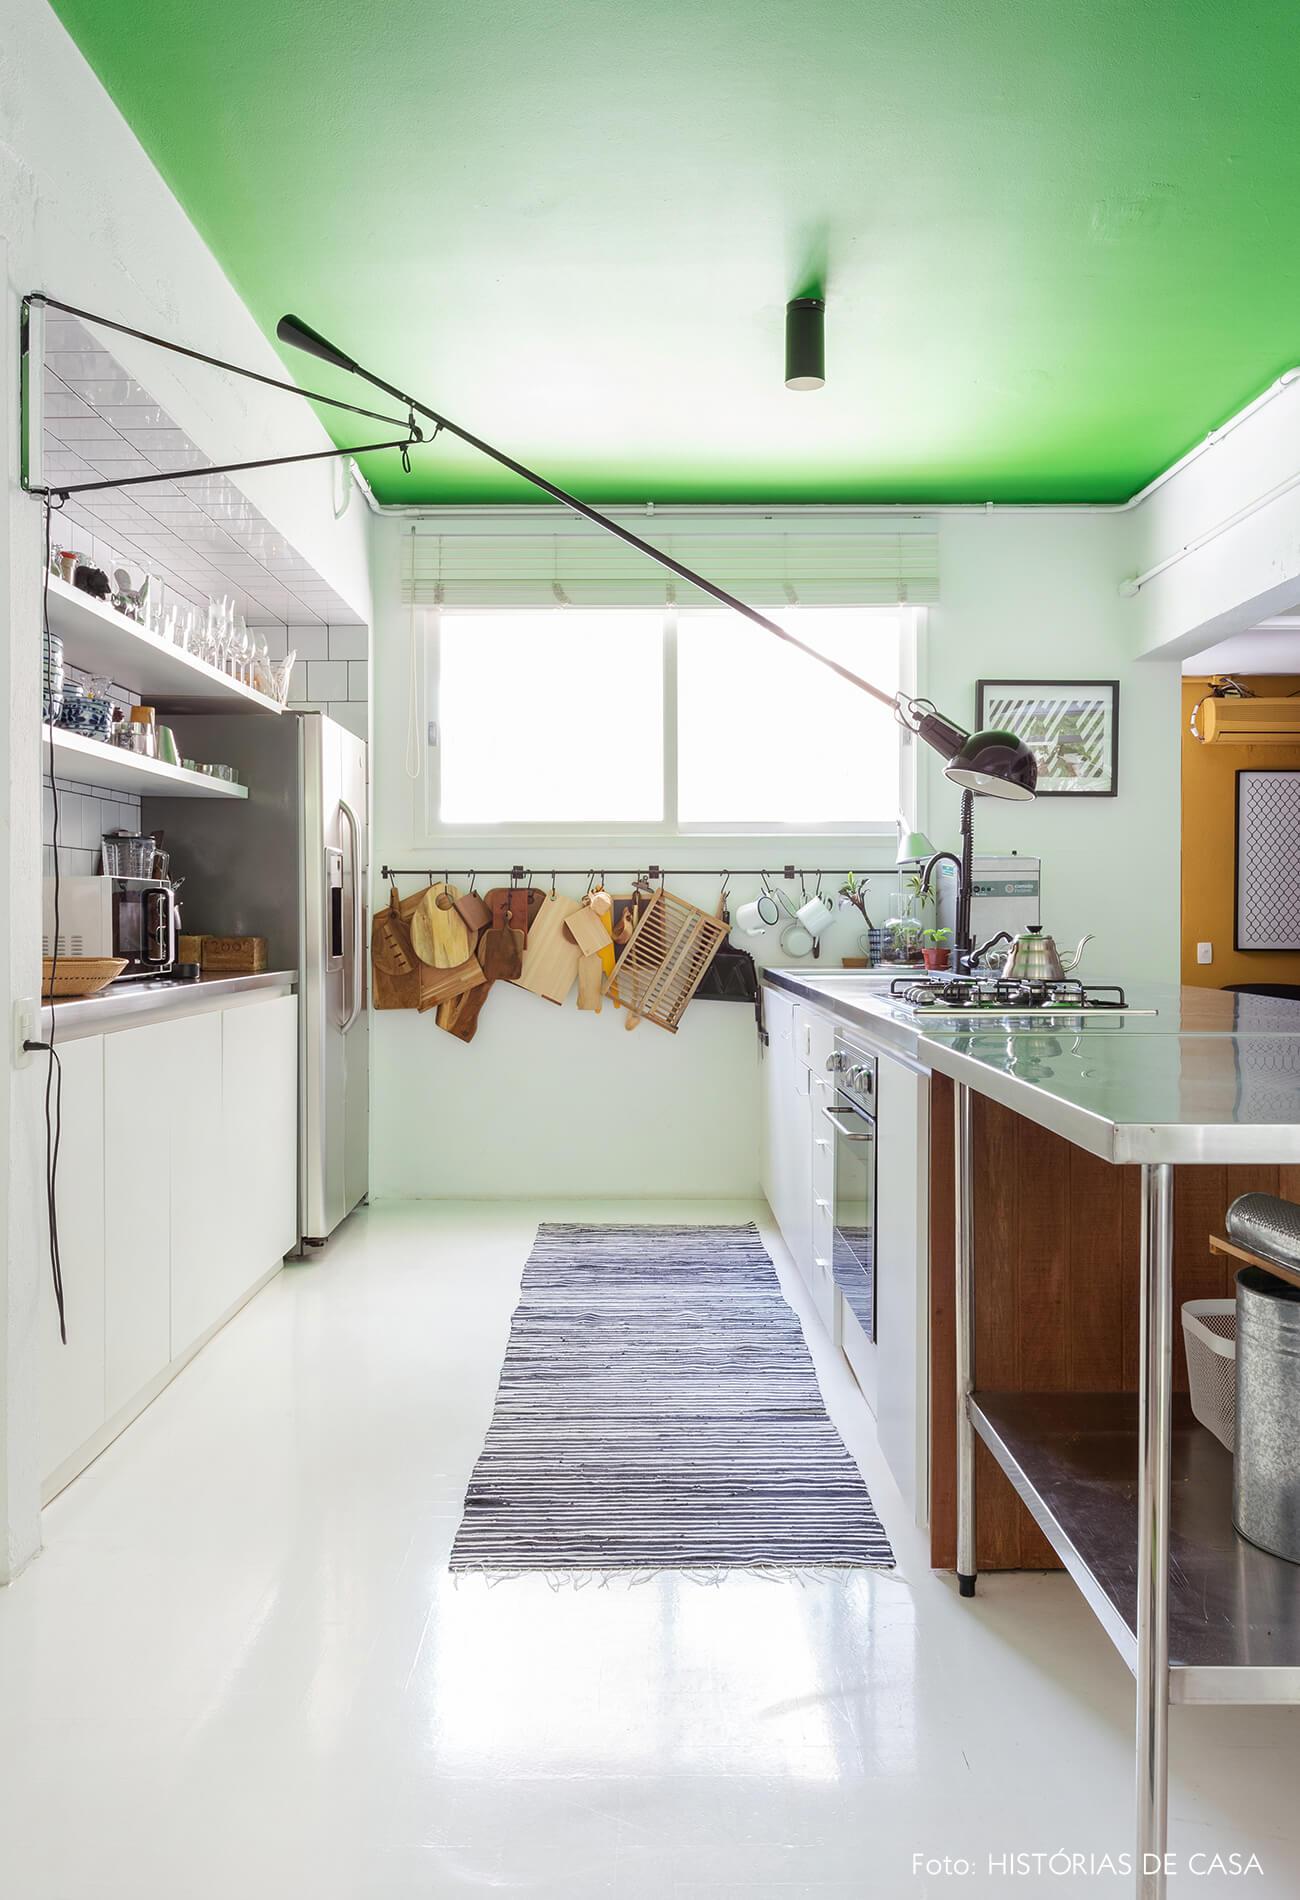 A cozinha do Maurício Arruda, com teto verde e piso pintado de branco